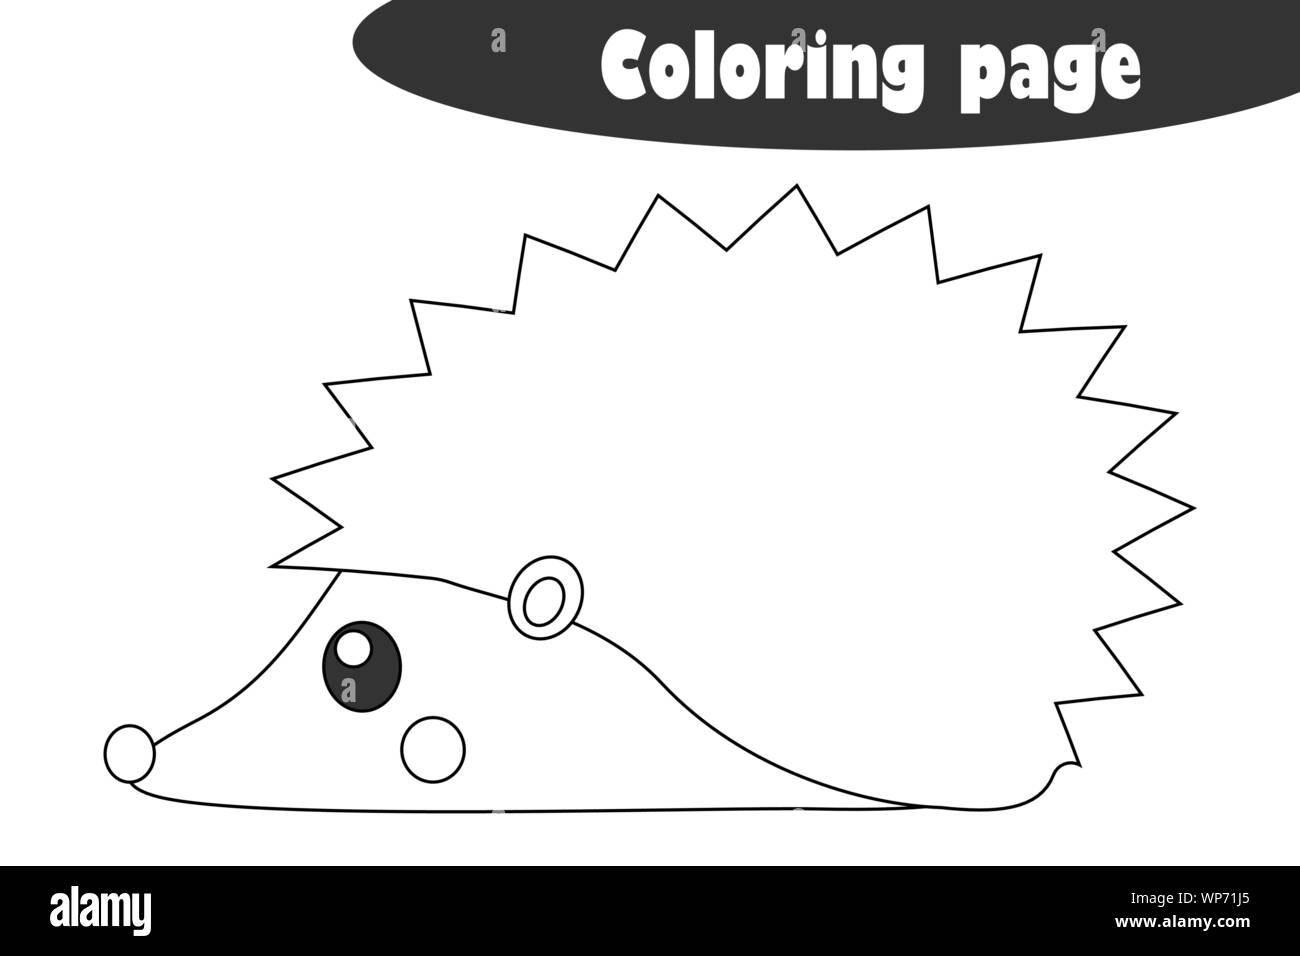 Erizo En El Estilo De Dibujos Animados Otoño En Blanco Y